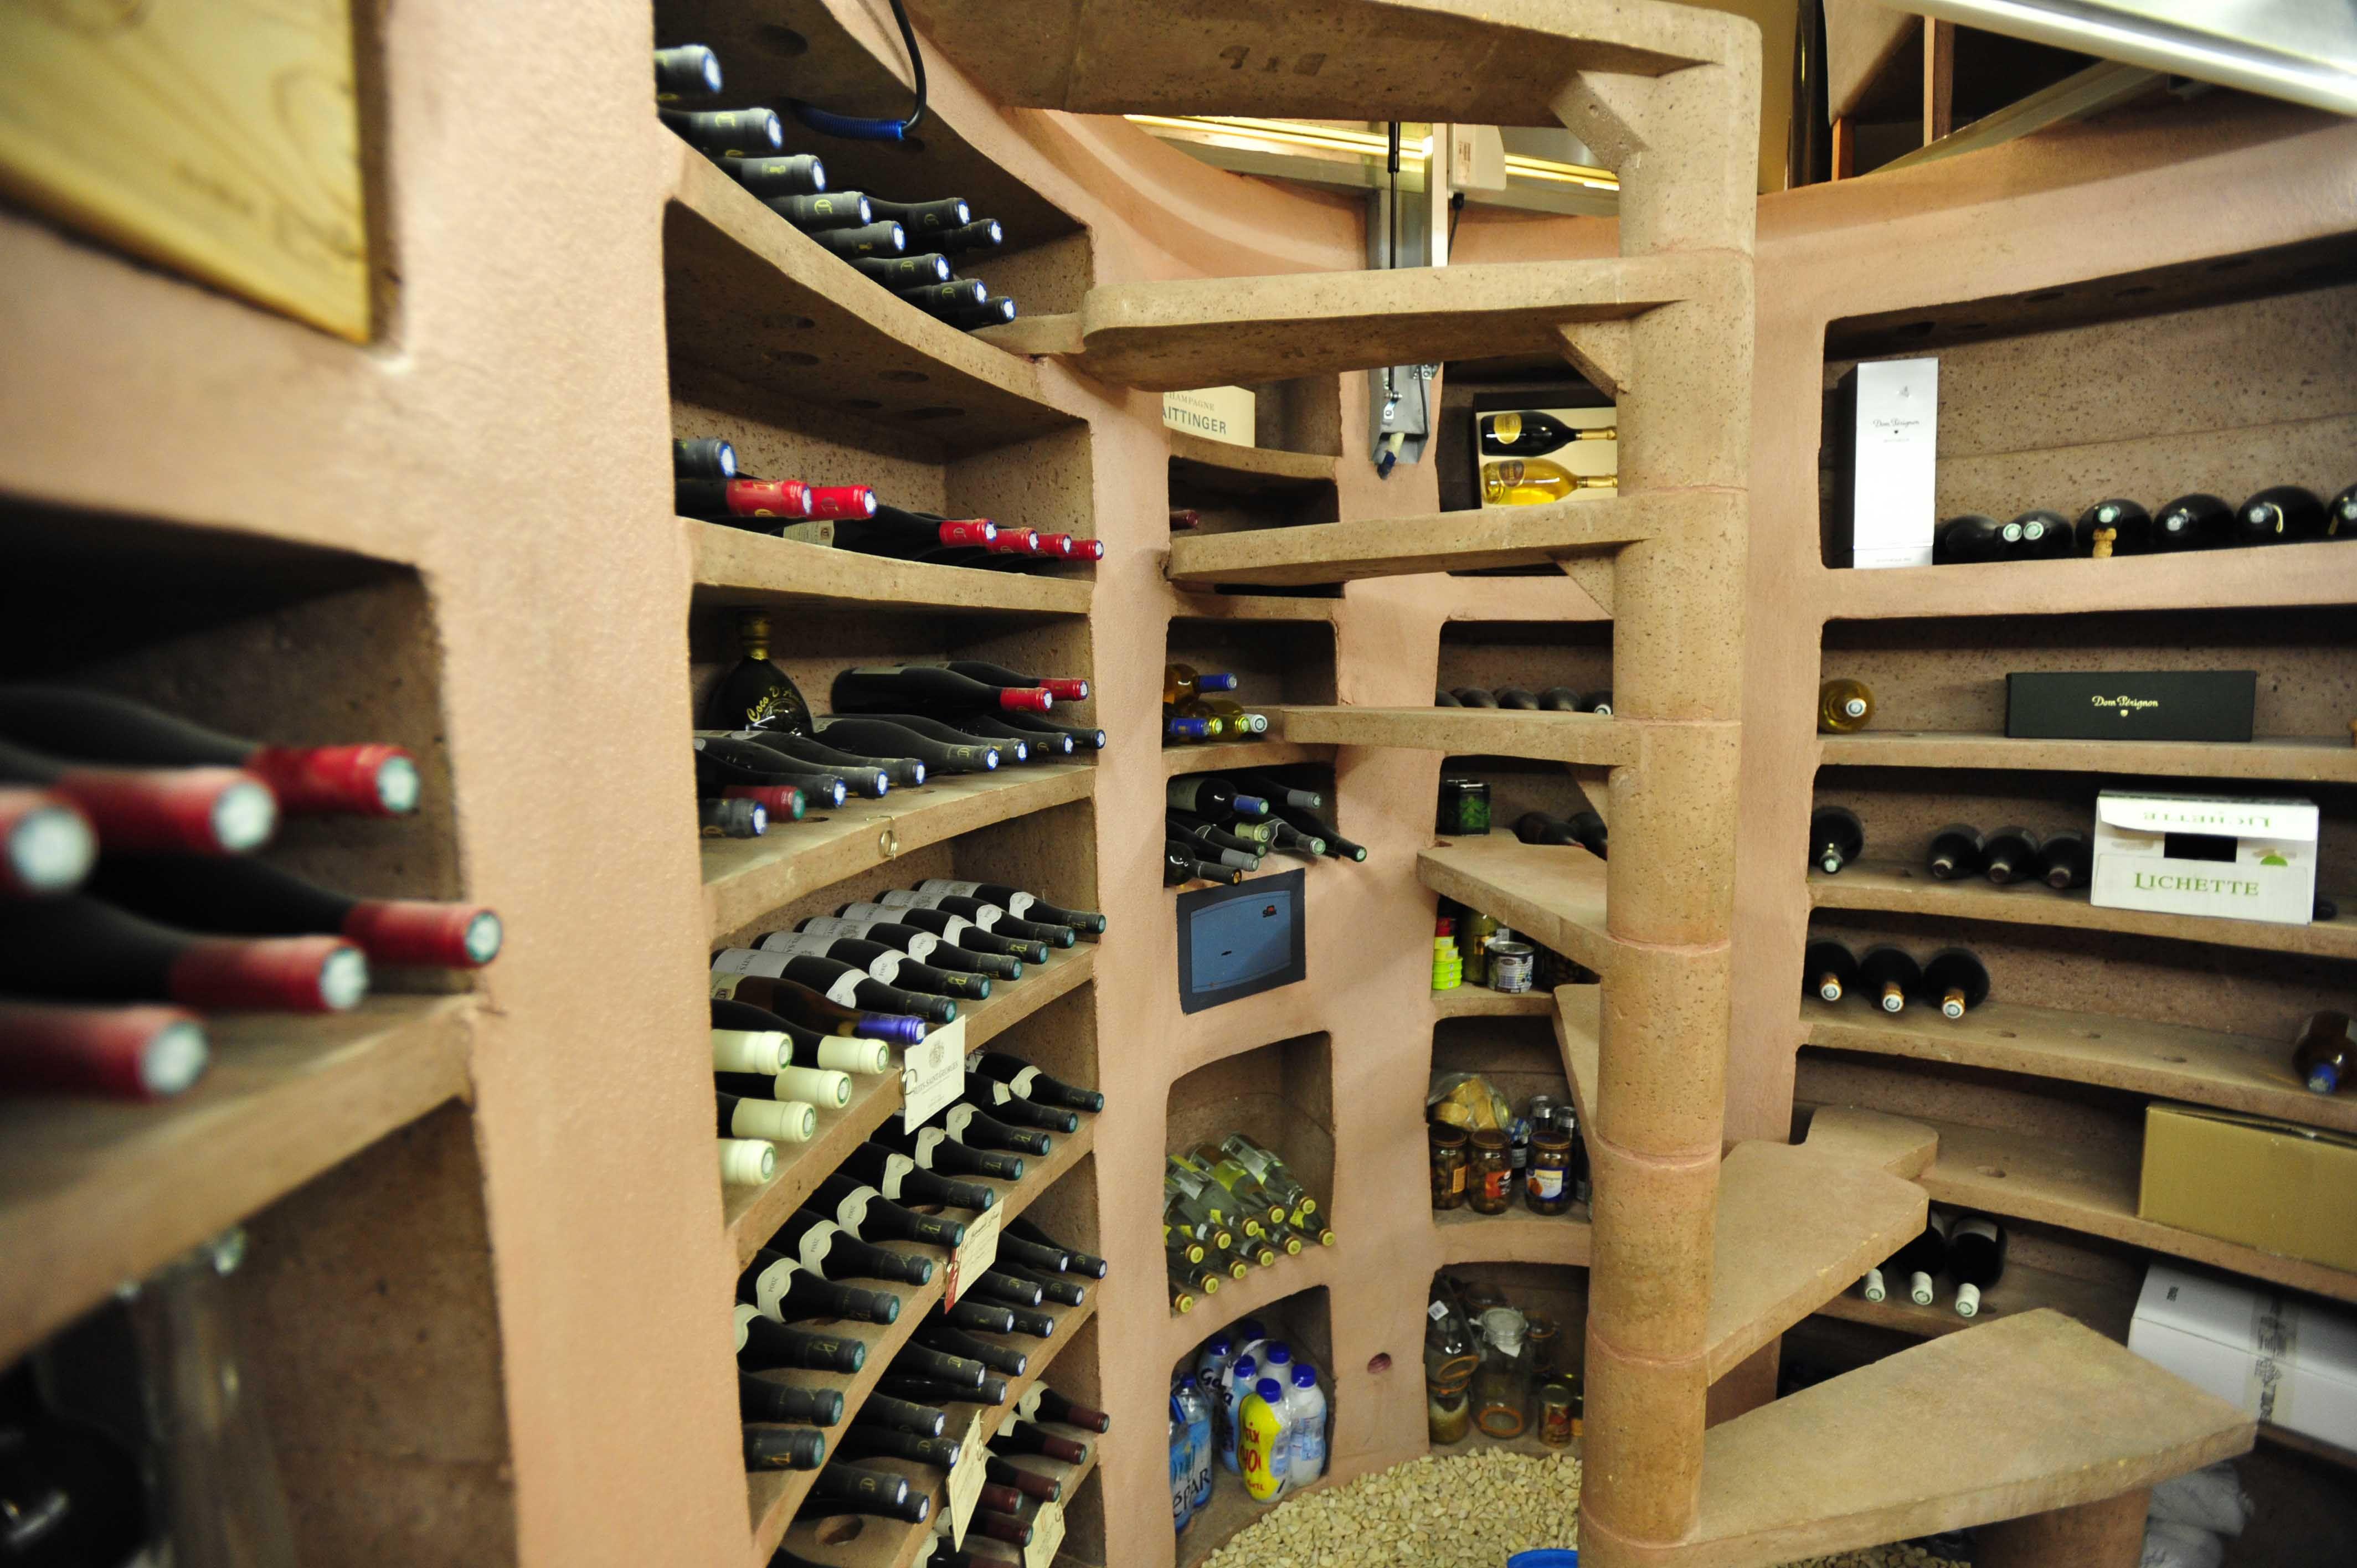 Stockez Et Organisez Vos Bouteilles De Vins Dans La Cave